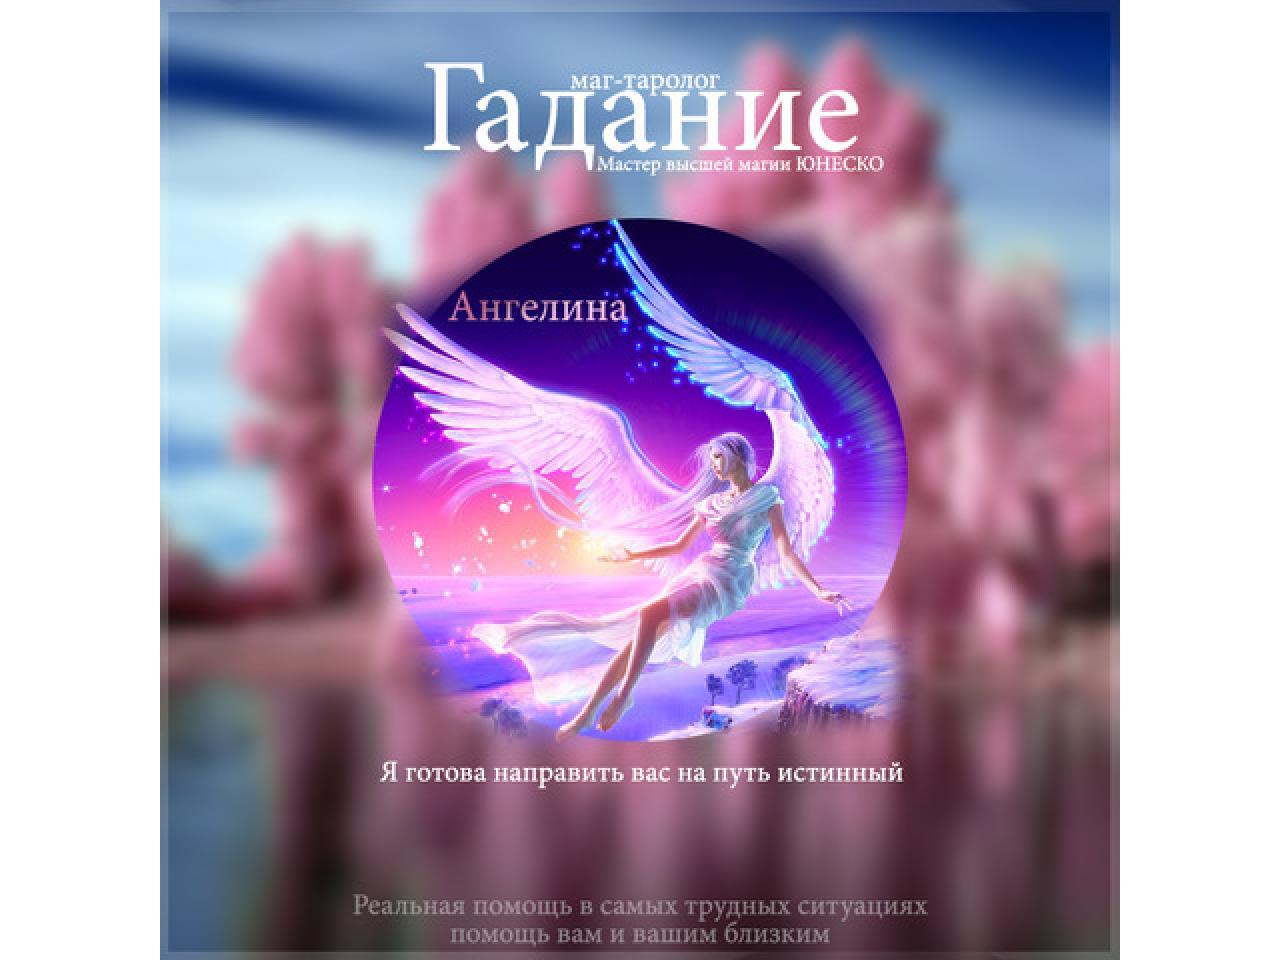 Ангелина - Мастер высшей магии ЮНЕСКО - 1